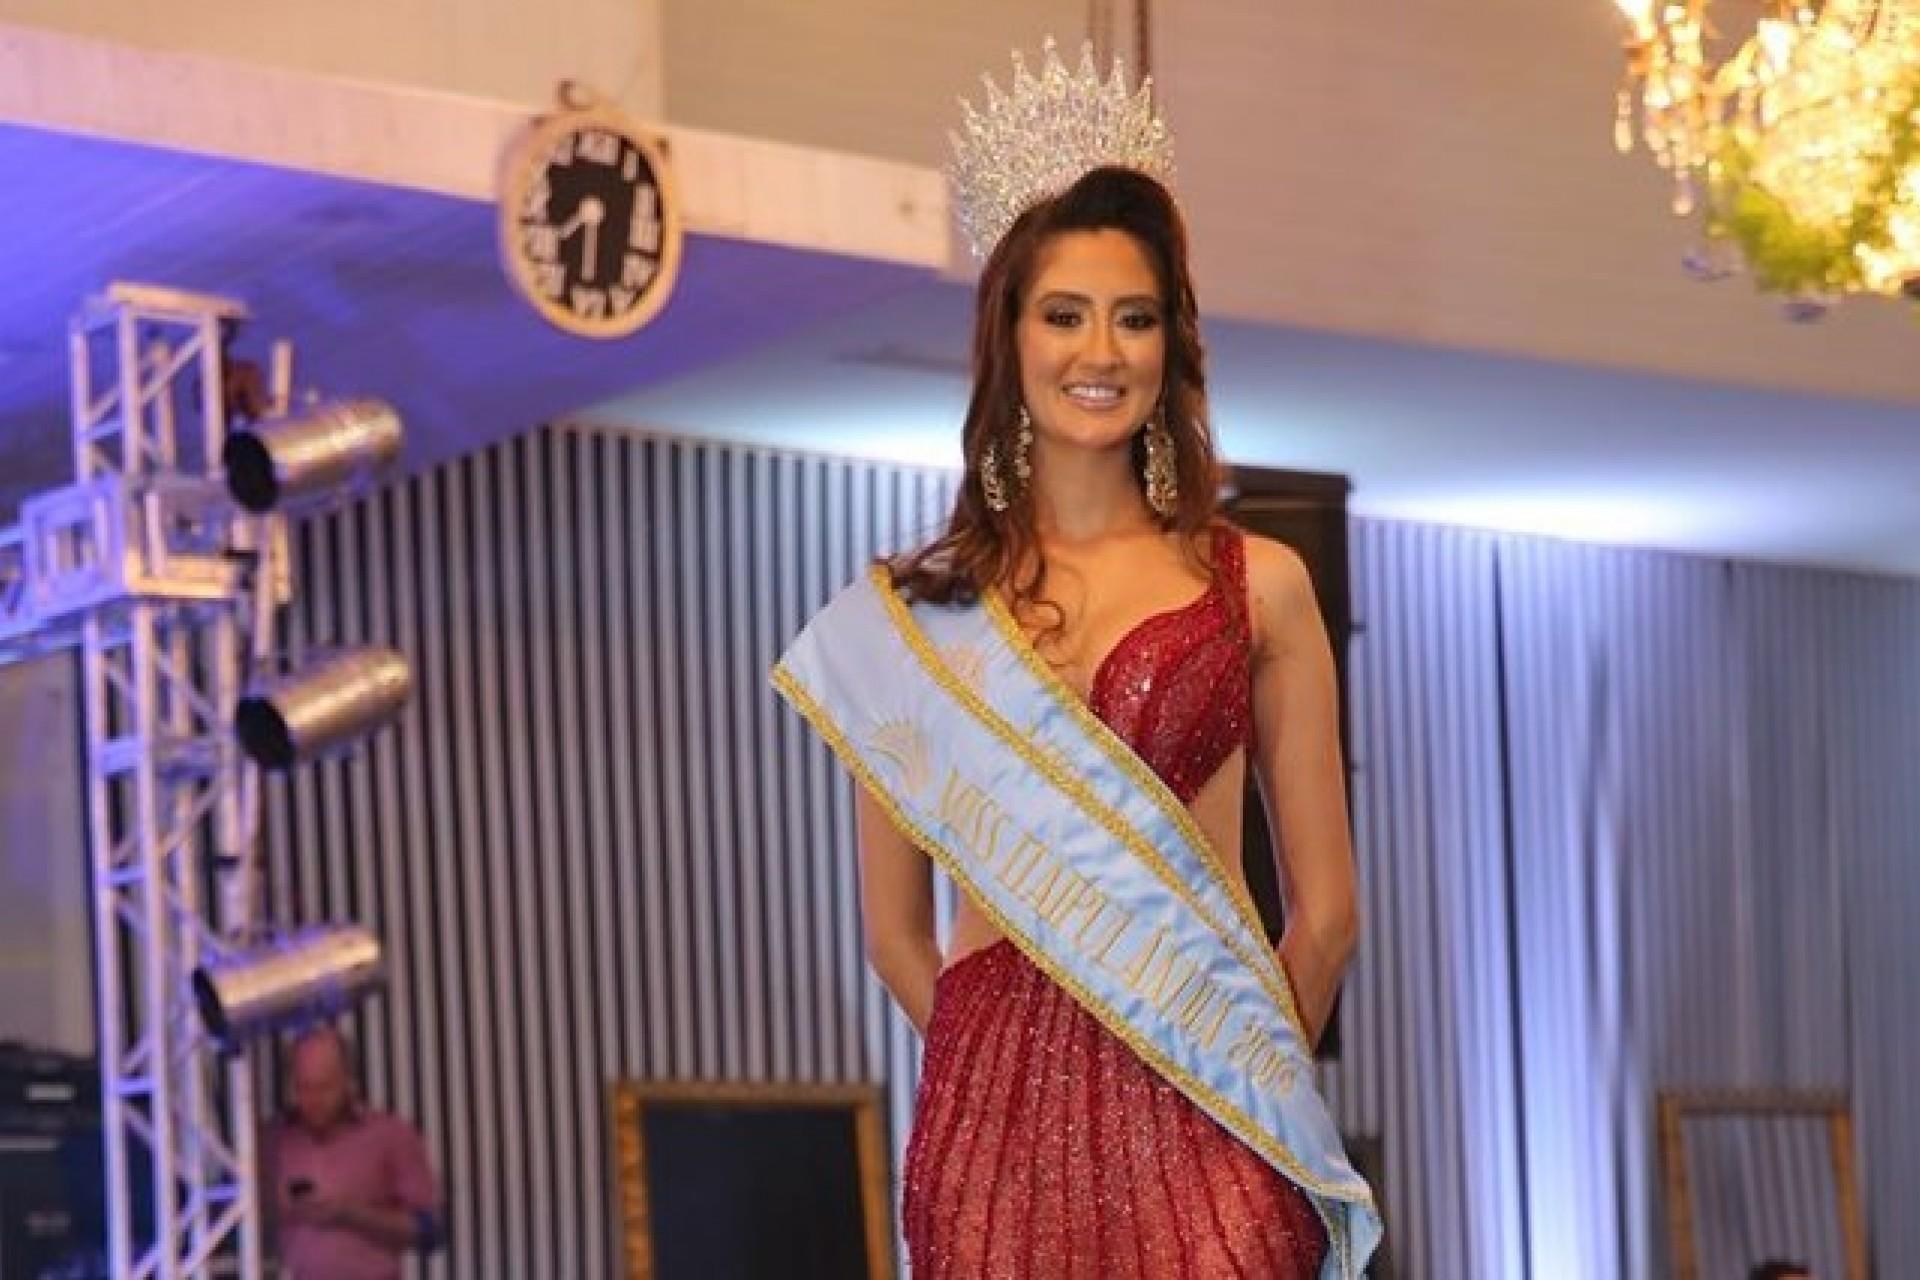 Letícia Spieker Gasparini é eleita Miss Itaipulândia 2019